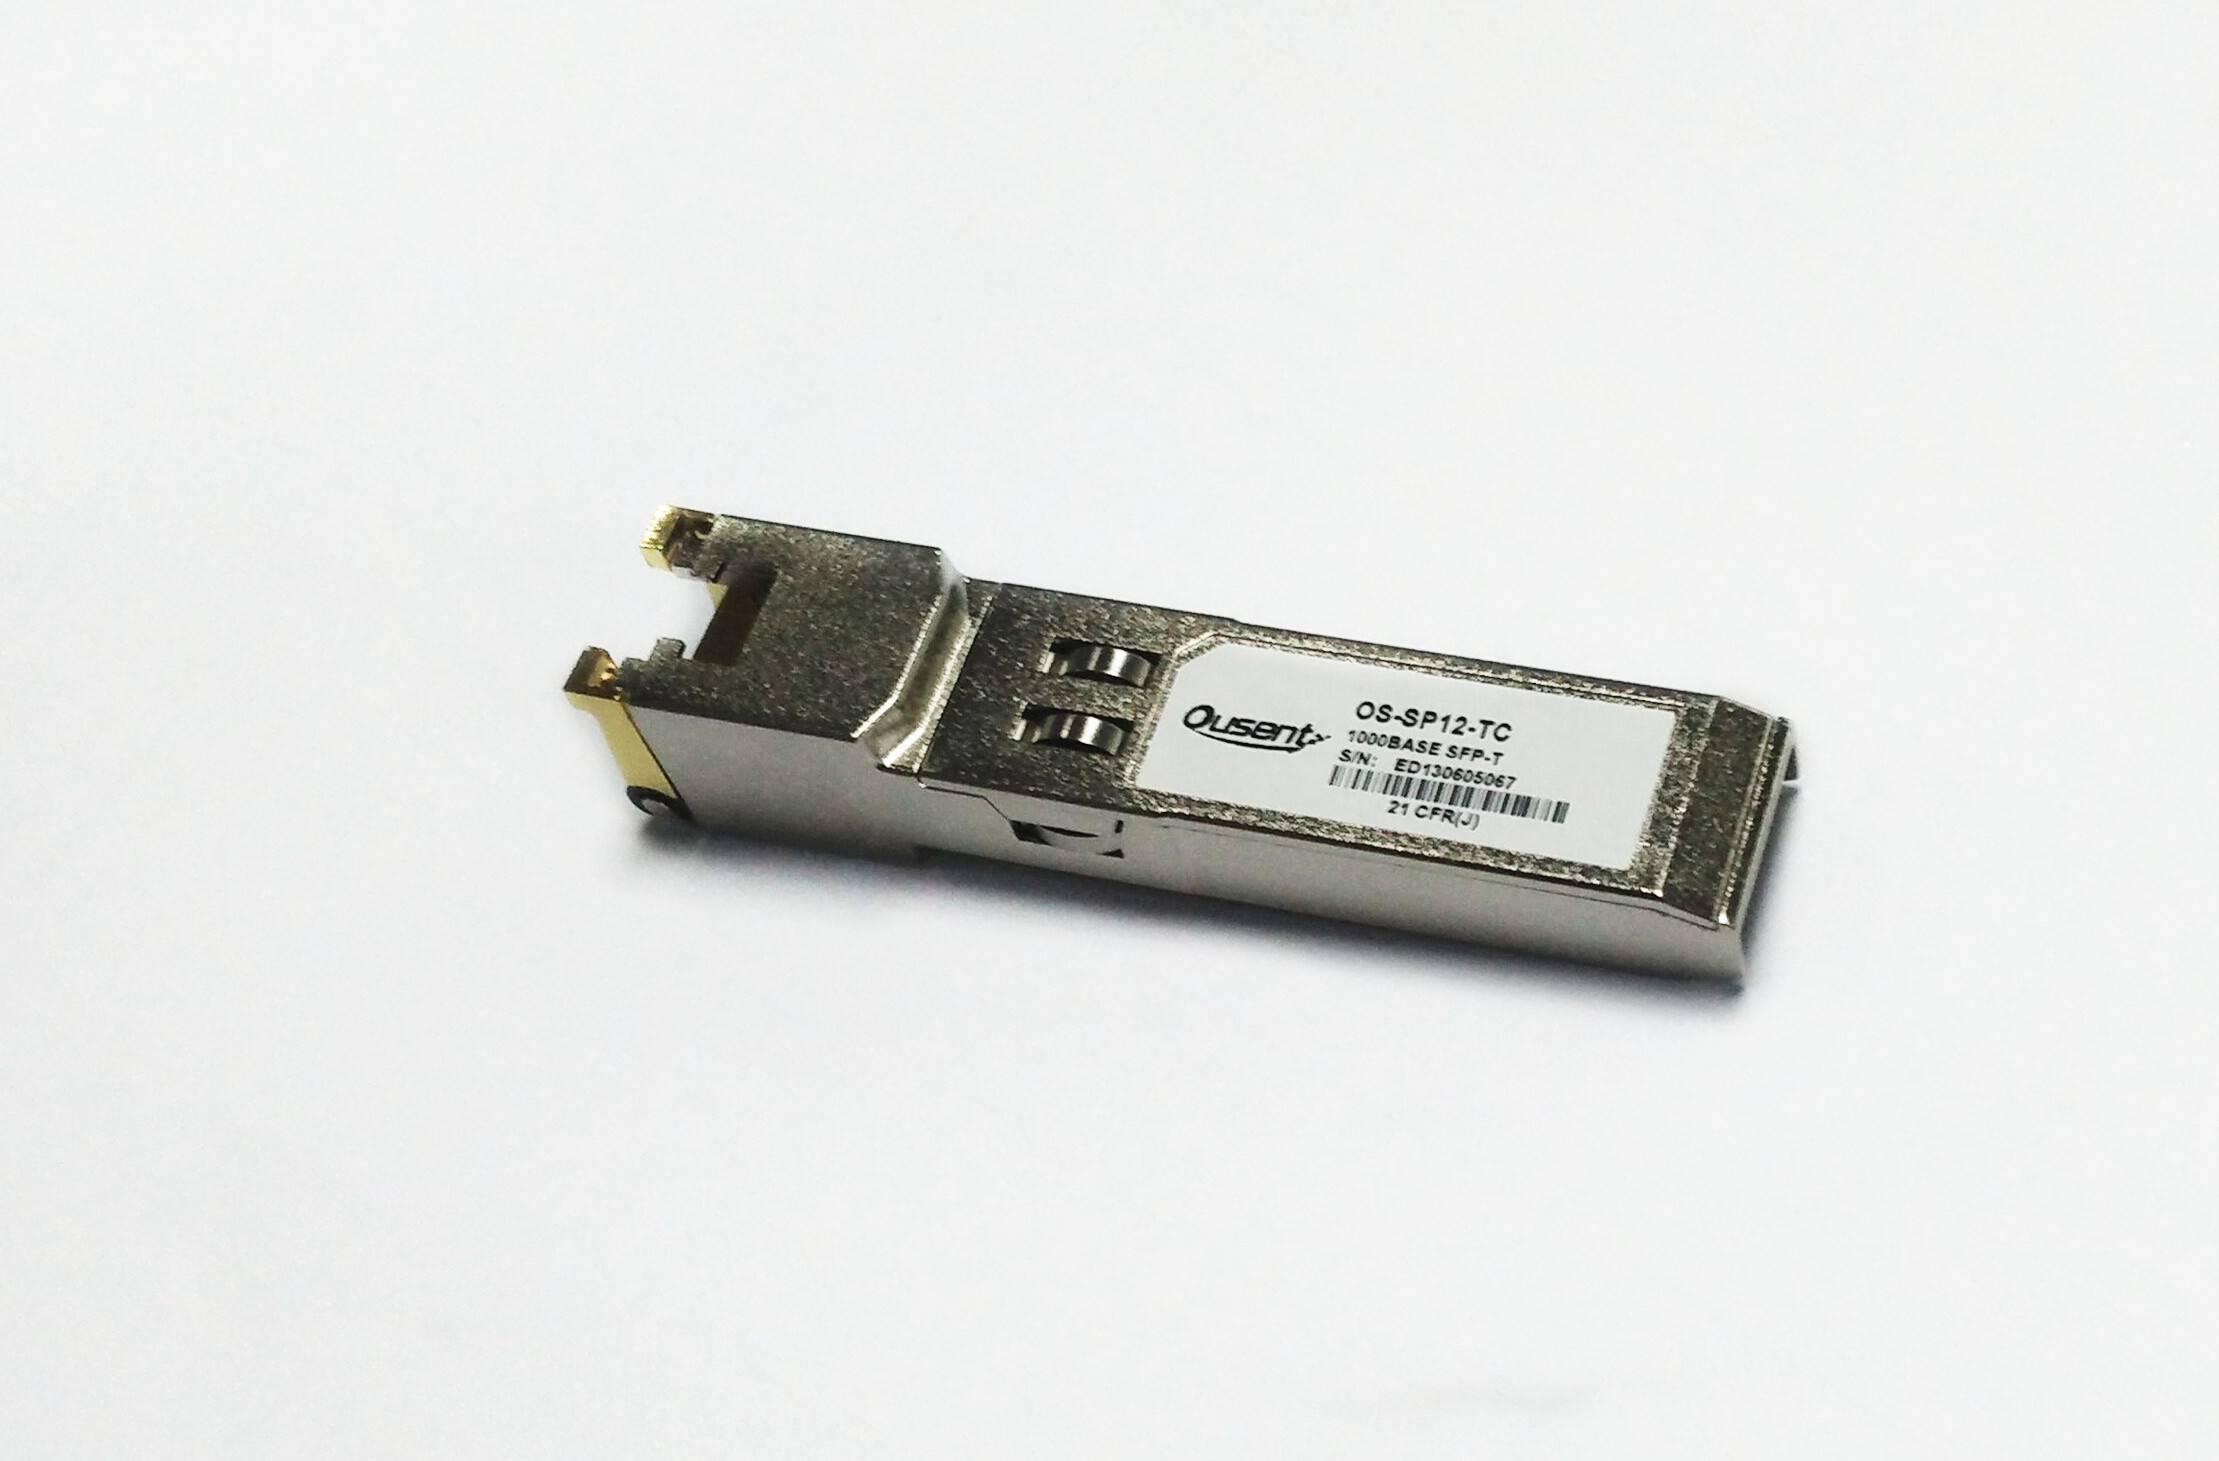 1.25G Copper SFP transceiver